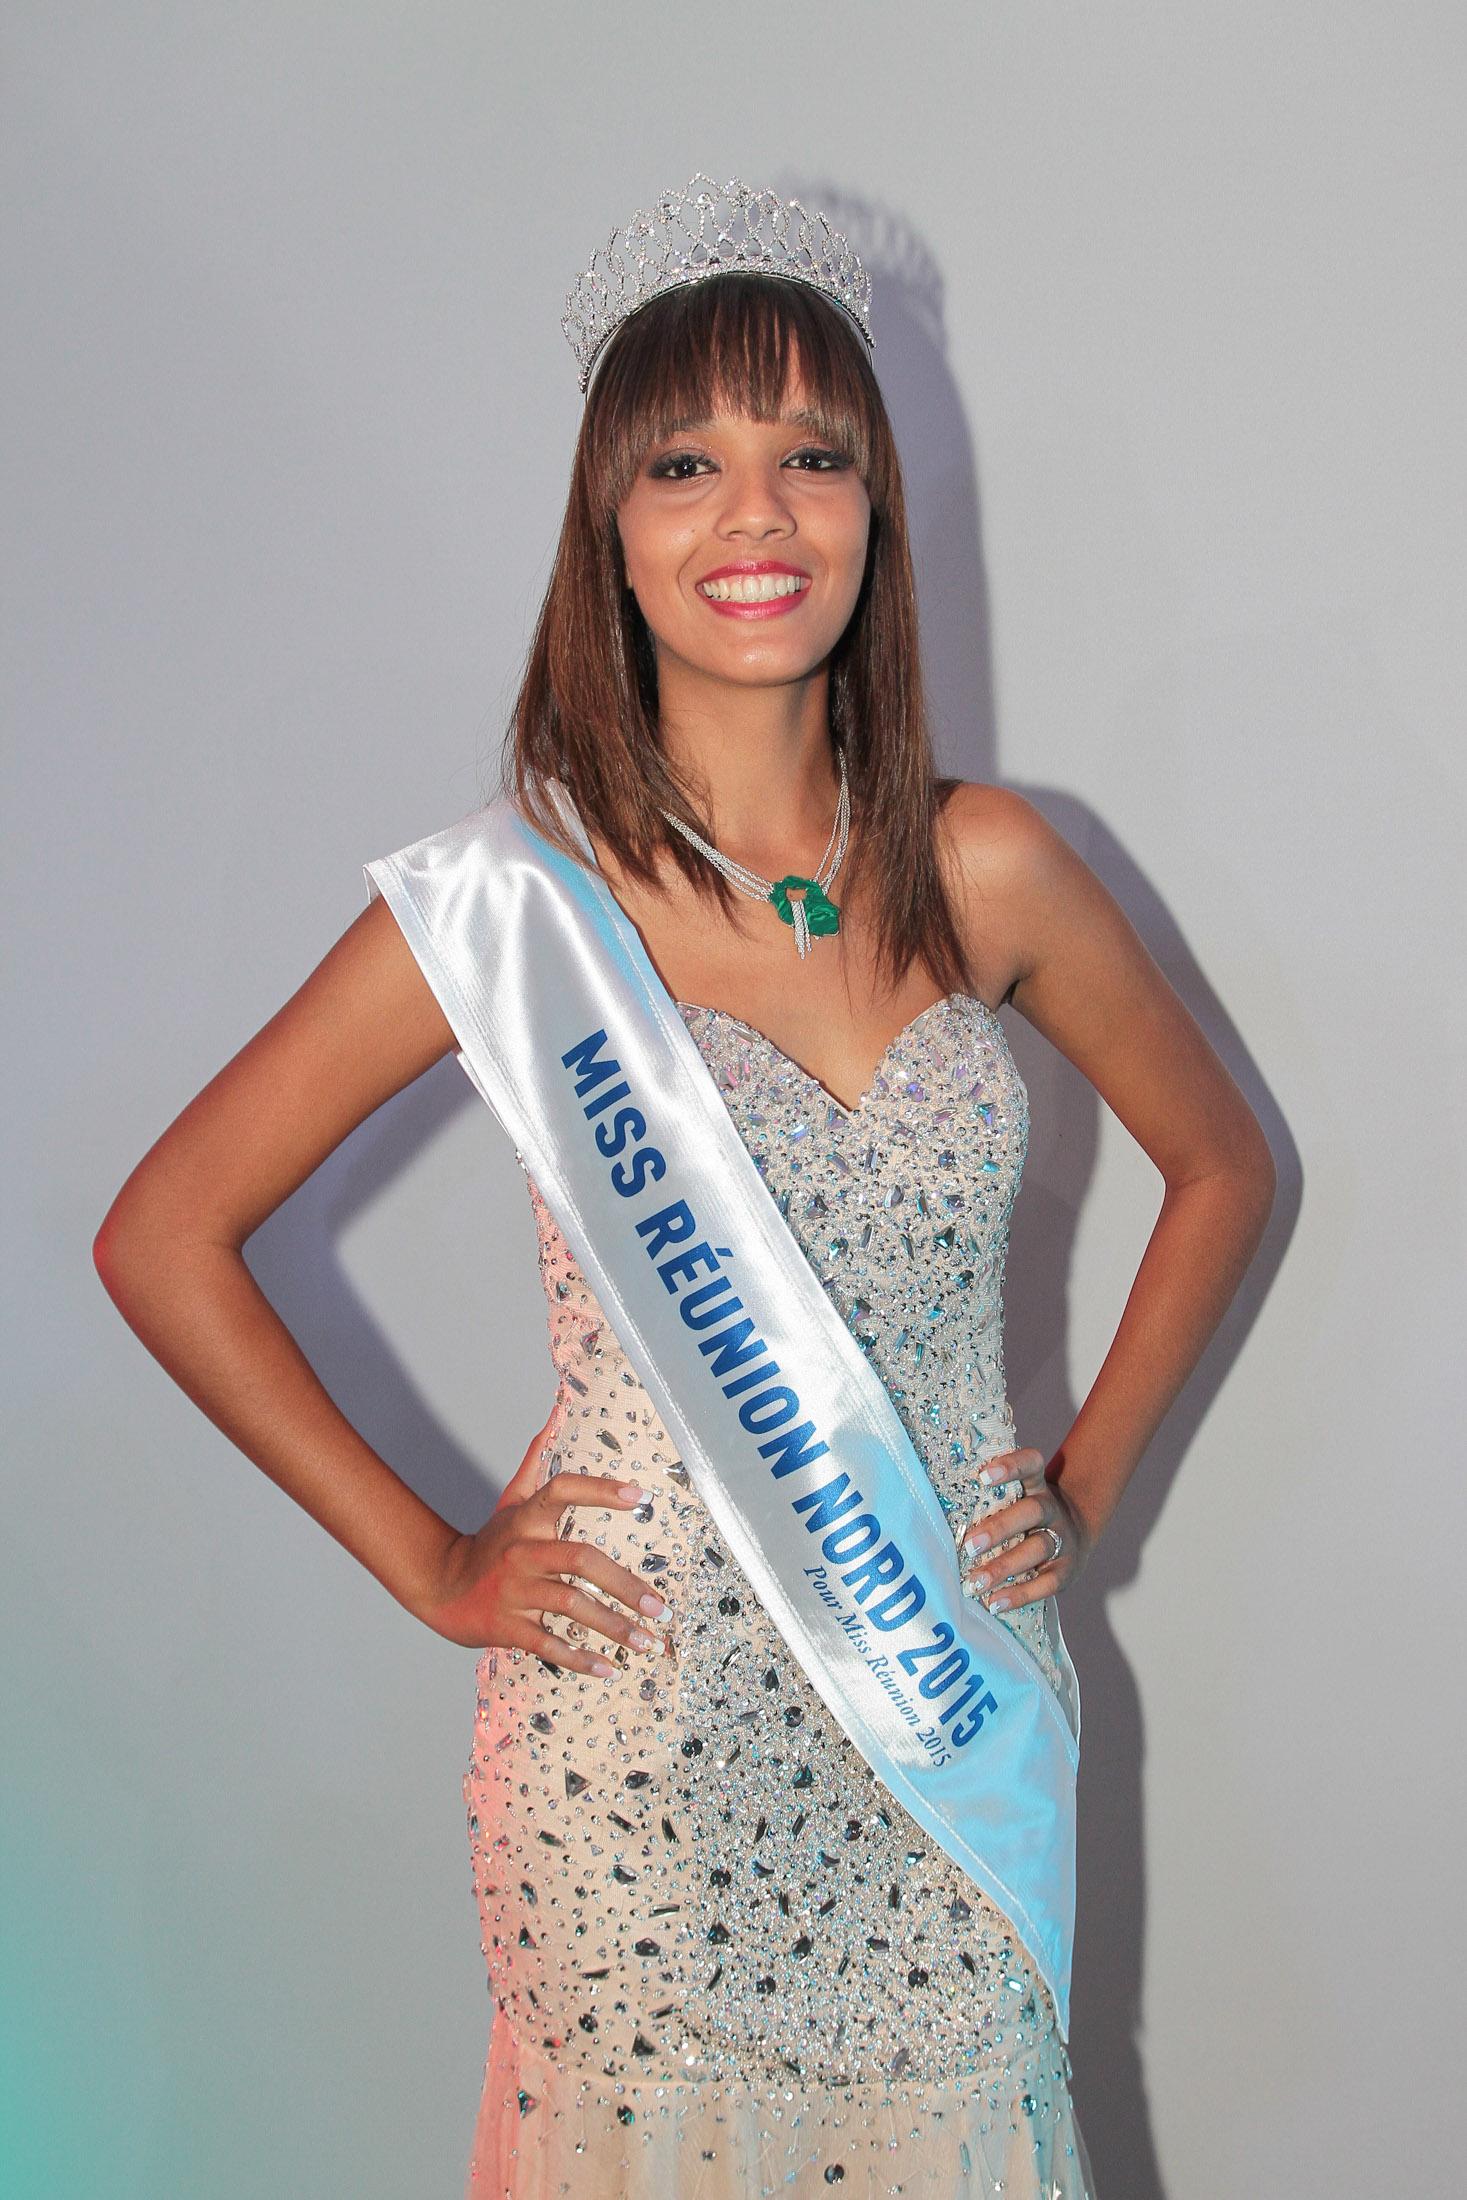 Vanessa s'est qualifiée pour Miss Réunion 2015 hier soir